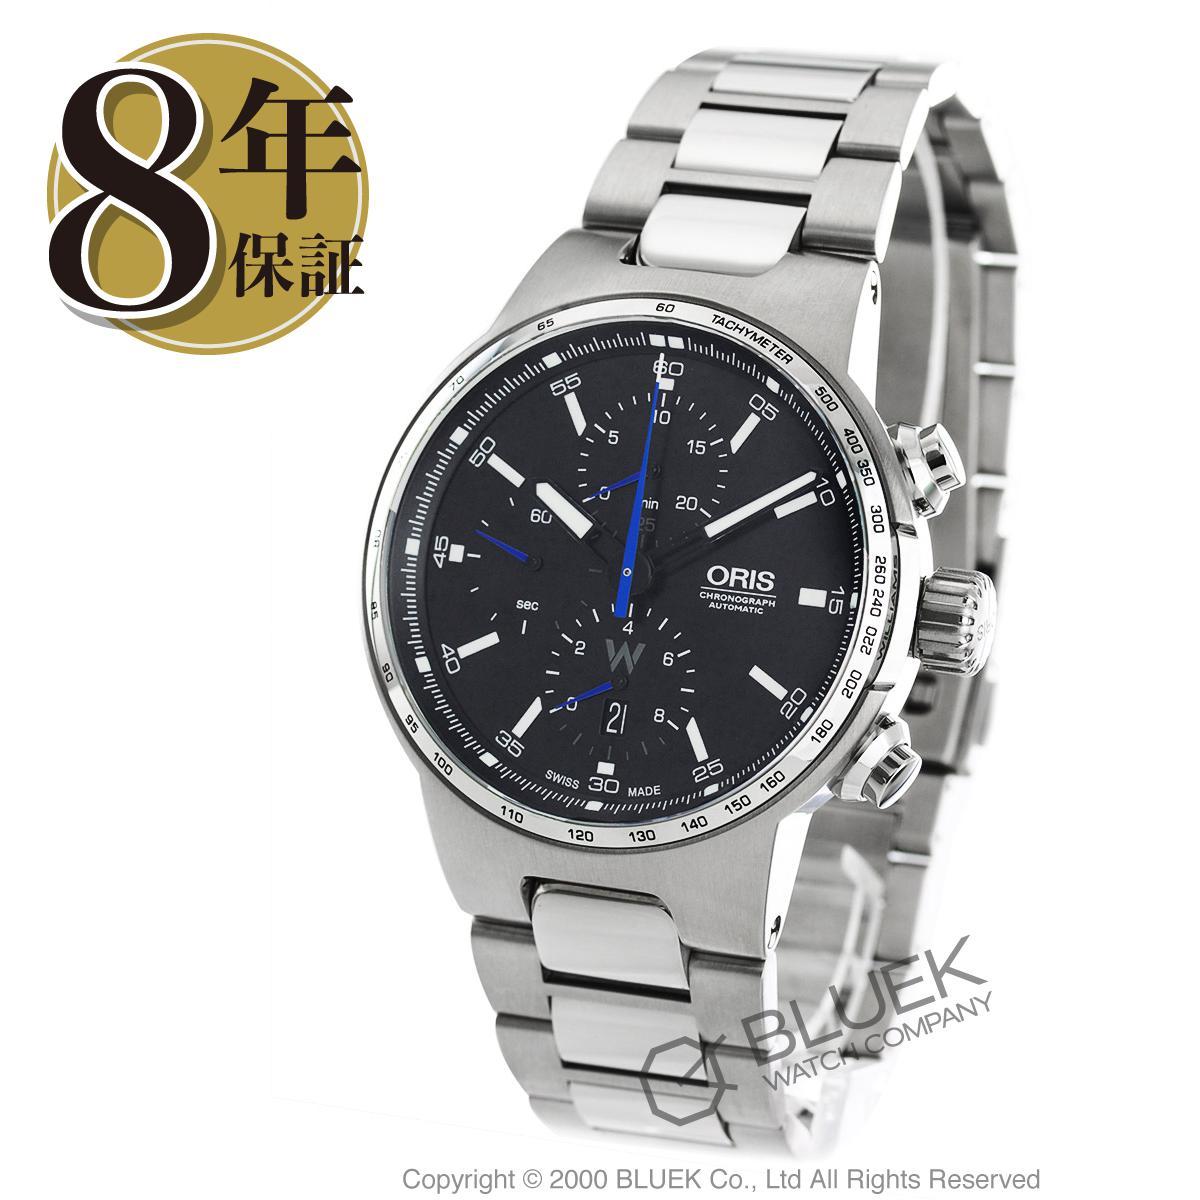 オリス ウィリアムズ クロノグラフ 腕時計 メンズ ORIS 774 7717 4154M_8 バーゲン ギフト プレゼント